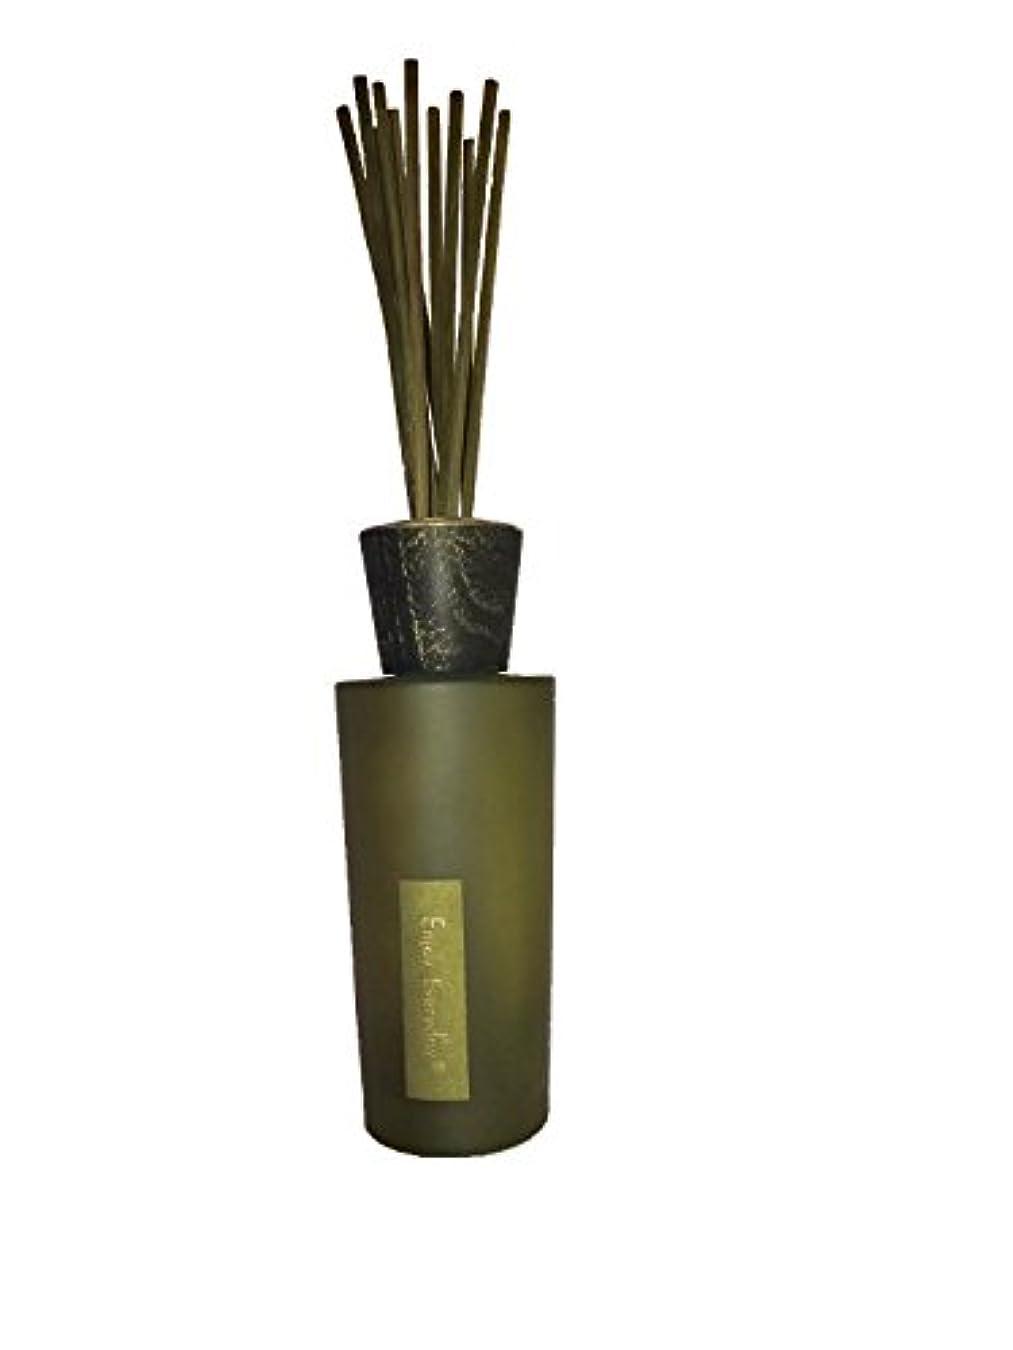 真剣にパレード不正40%OFF!【Branch of Aroma】100%天然アロマスティックディフューザー-9種の香り- (200ml) (Freshソープ)